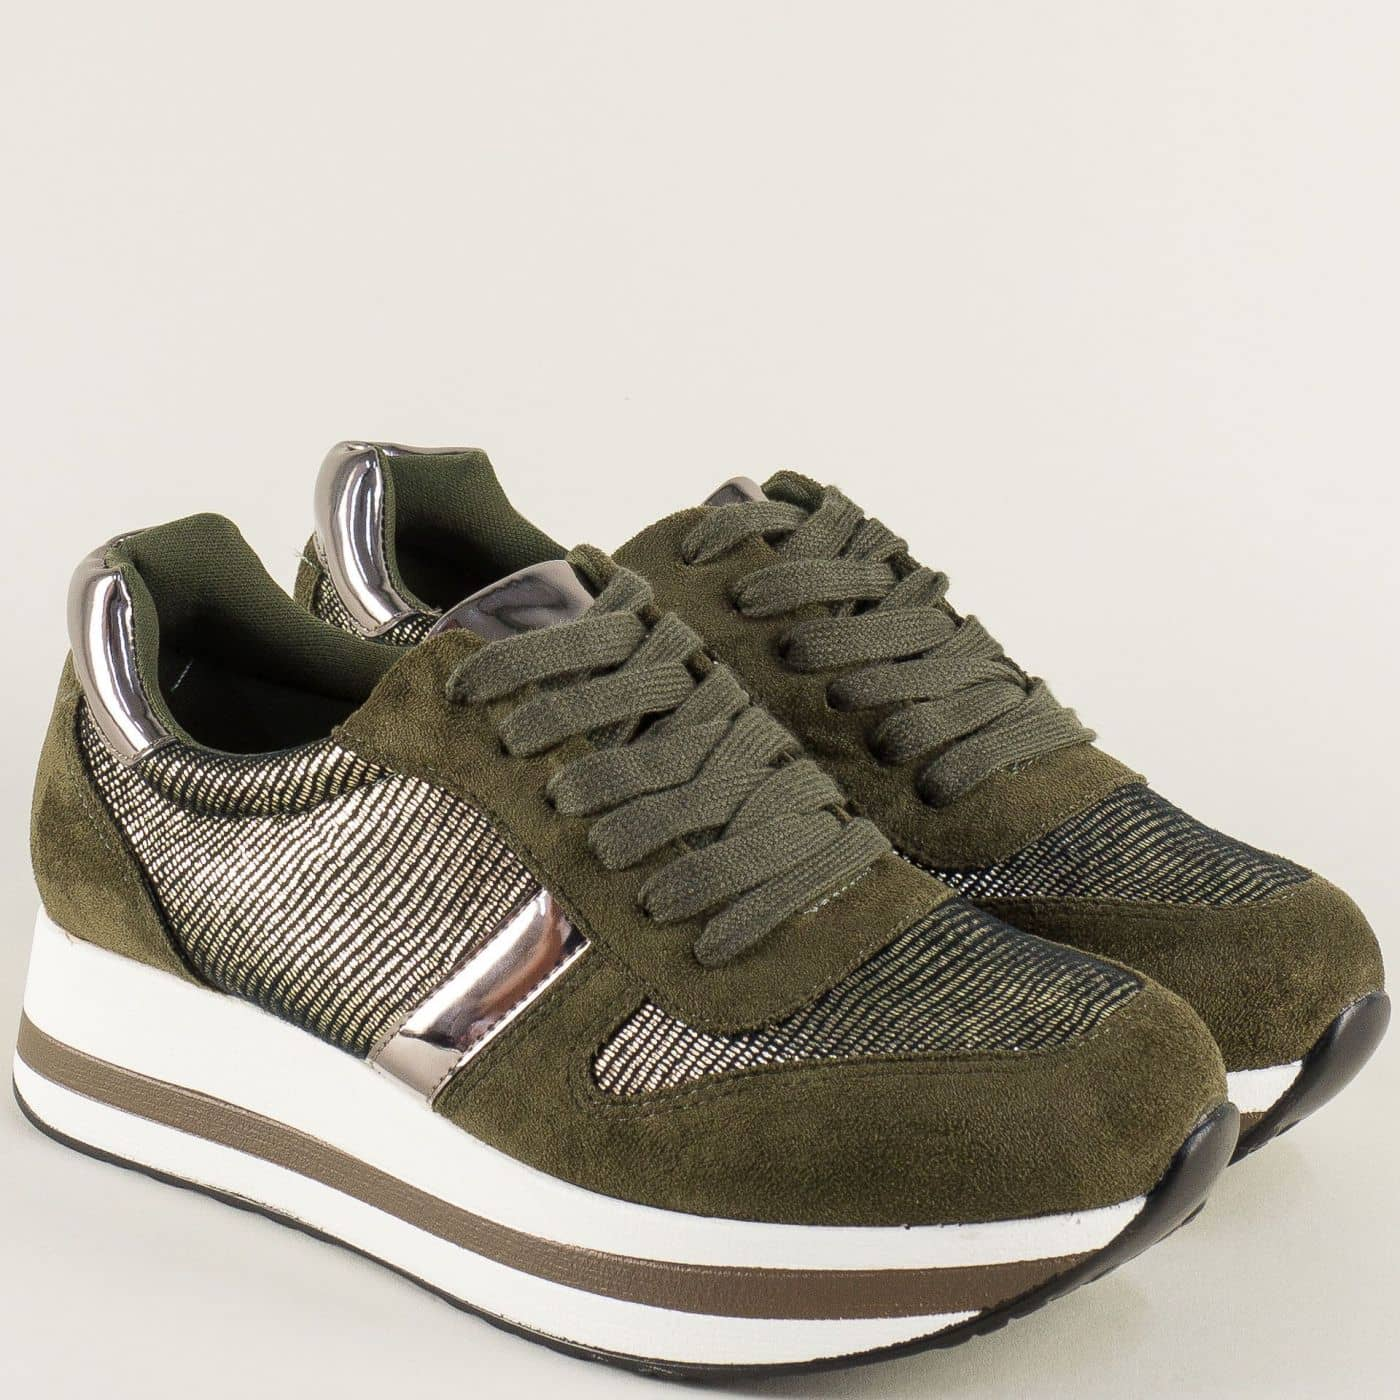 806e01a9649 Спортни дамски обувки в зелен цвят на платформа hbs05z - Sisi-bg.com